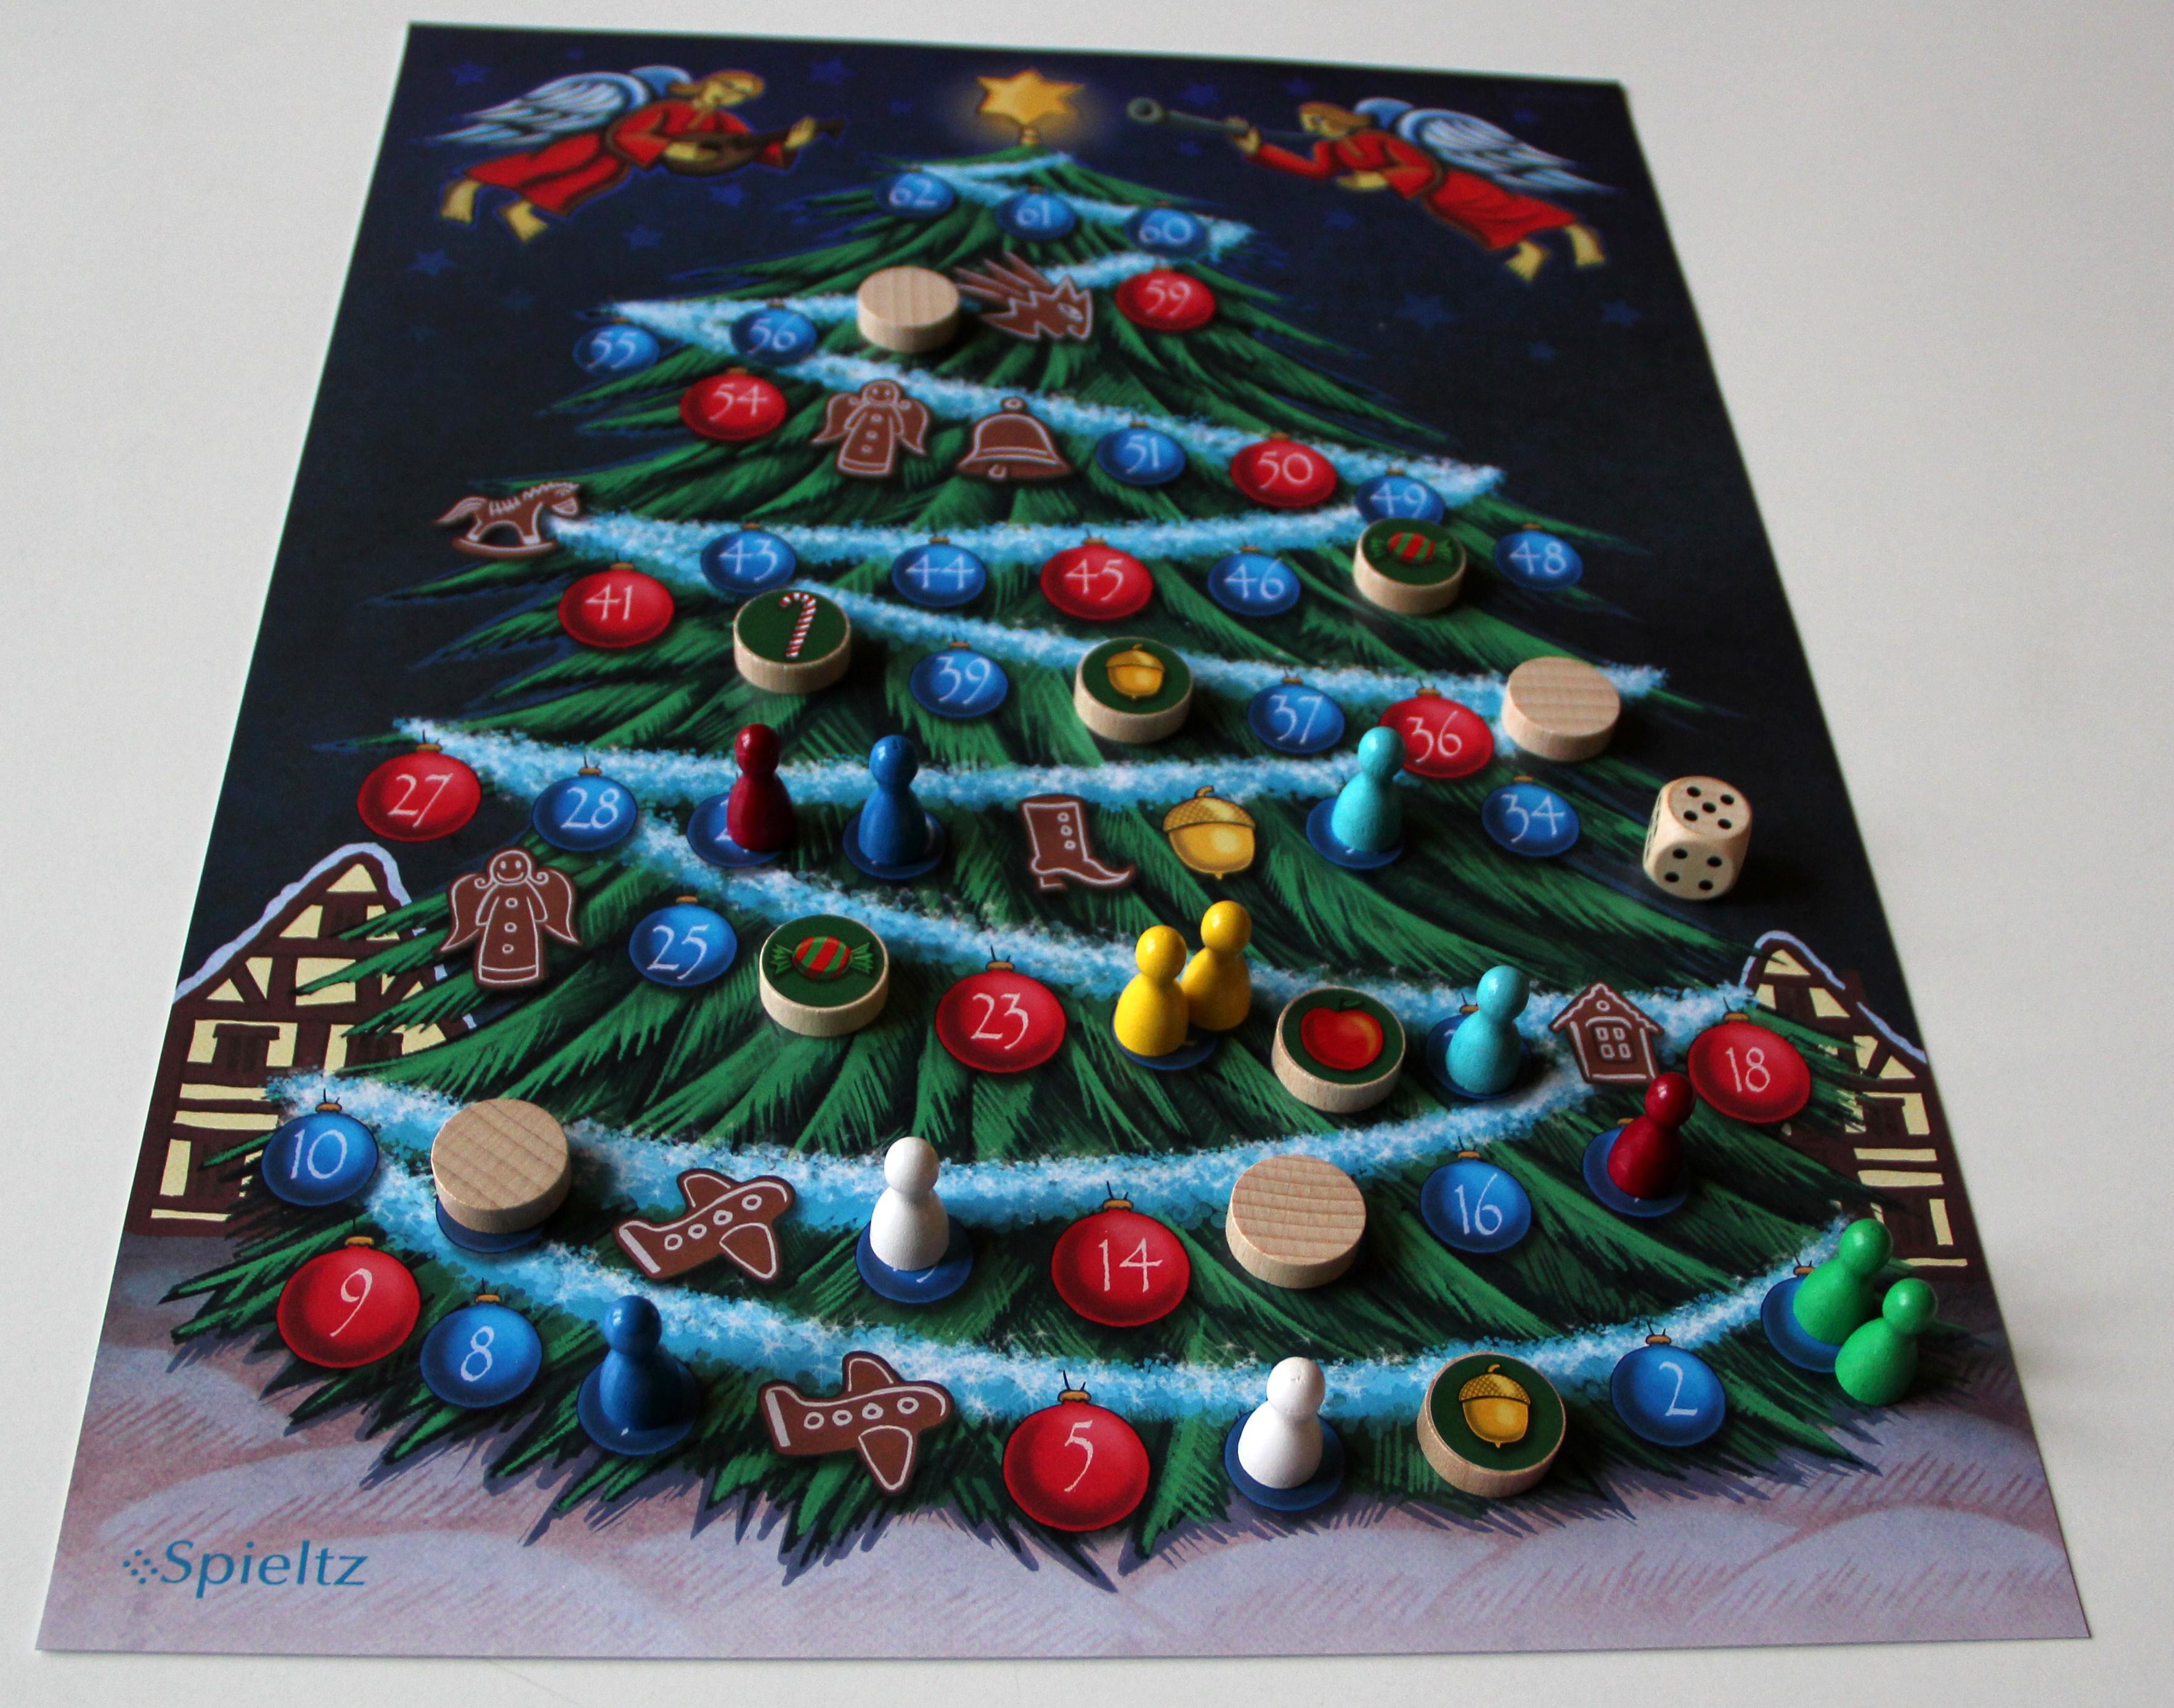 o-tannenbaum-brettspiel-weihnachten-spieltz-IMG_2285